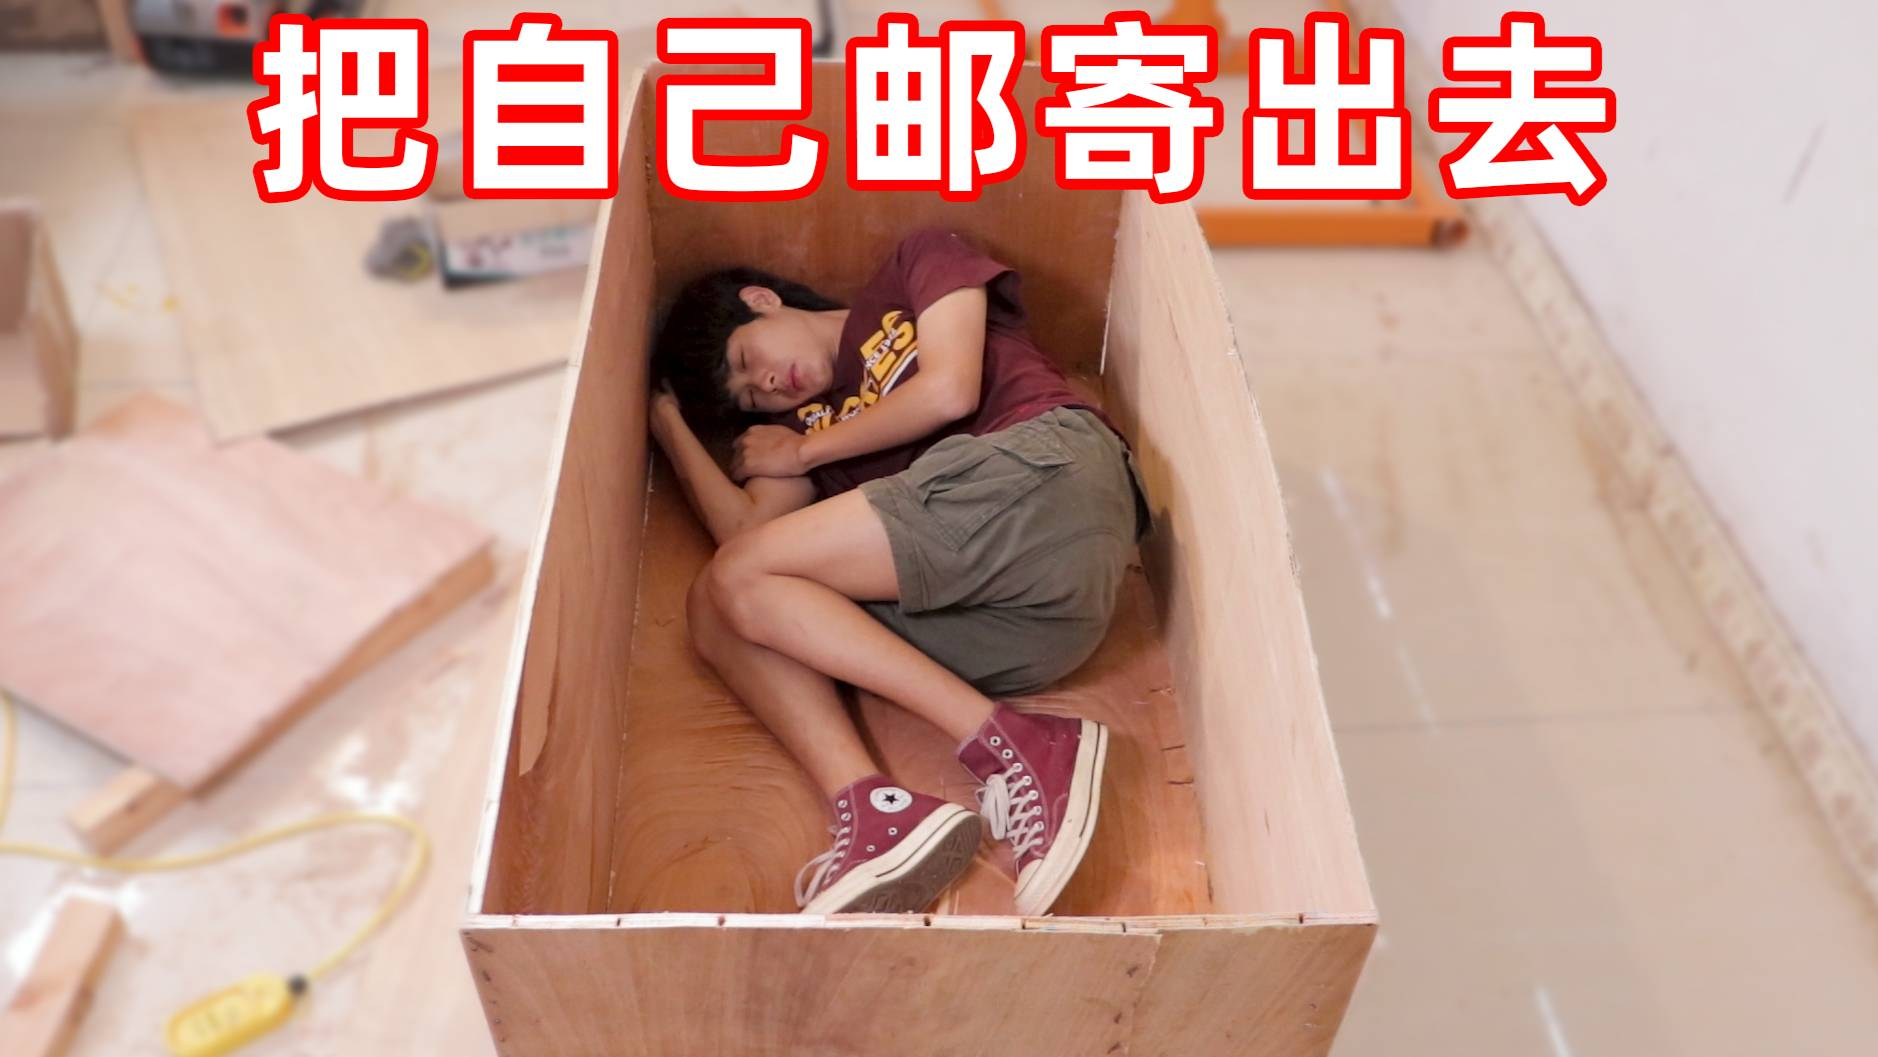 挑战把自己装在盒子里邮寄出去!打开盒子吐了